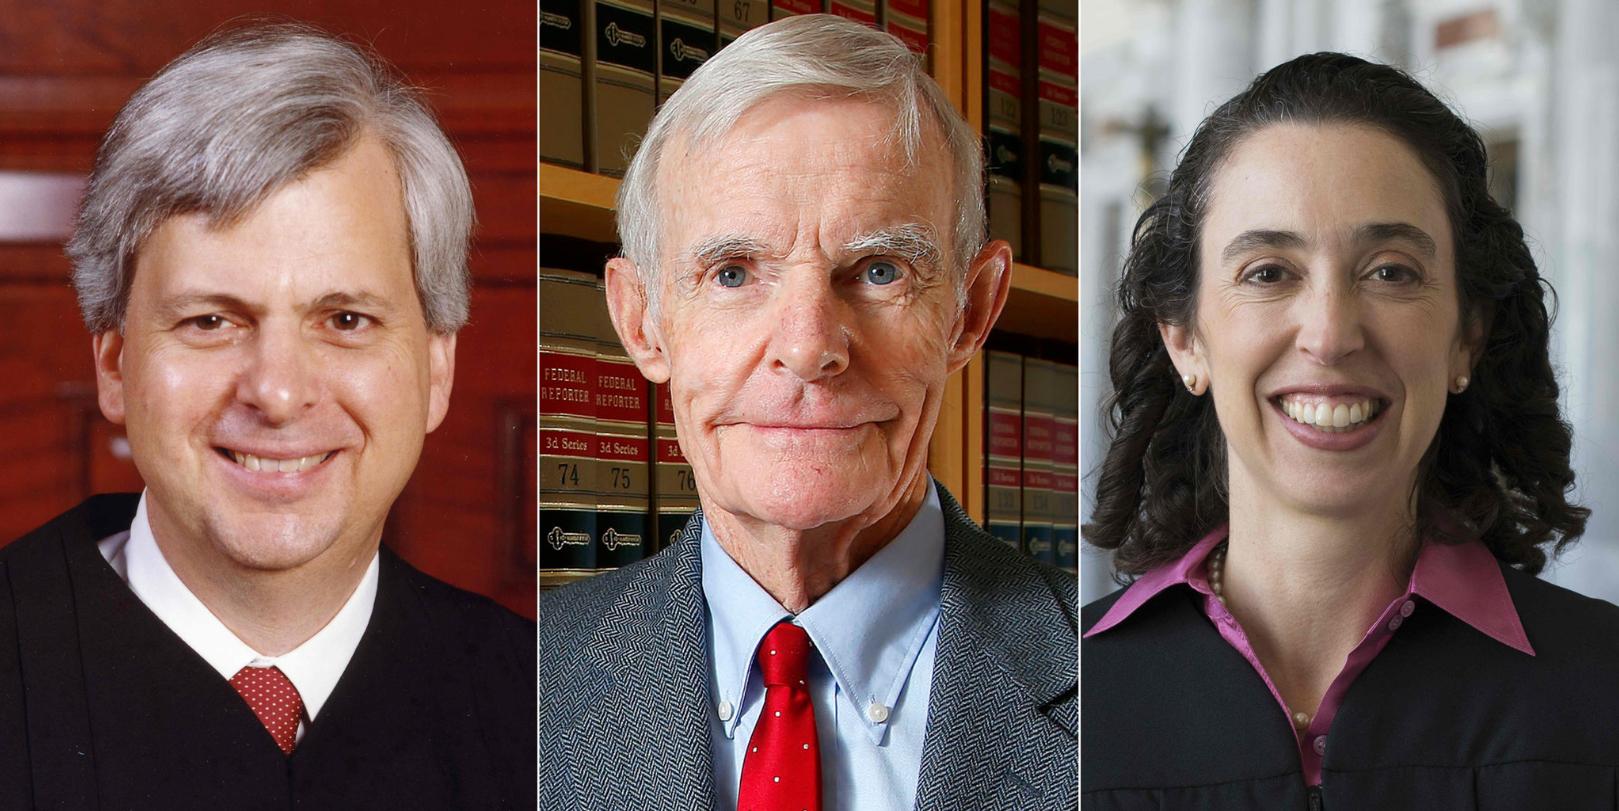 川普穆斯林禁令,審理上訴案的3名法官(由左而右):克利夫頓、坎比、佛列蘭德(AP)